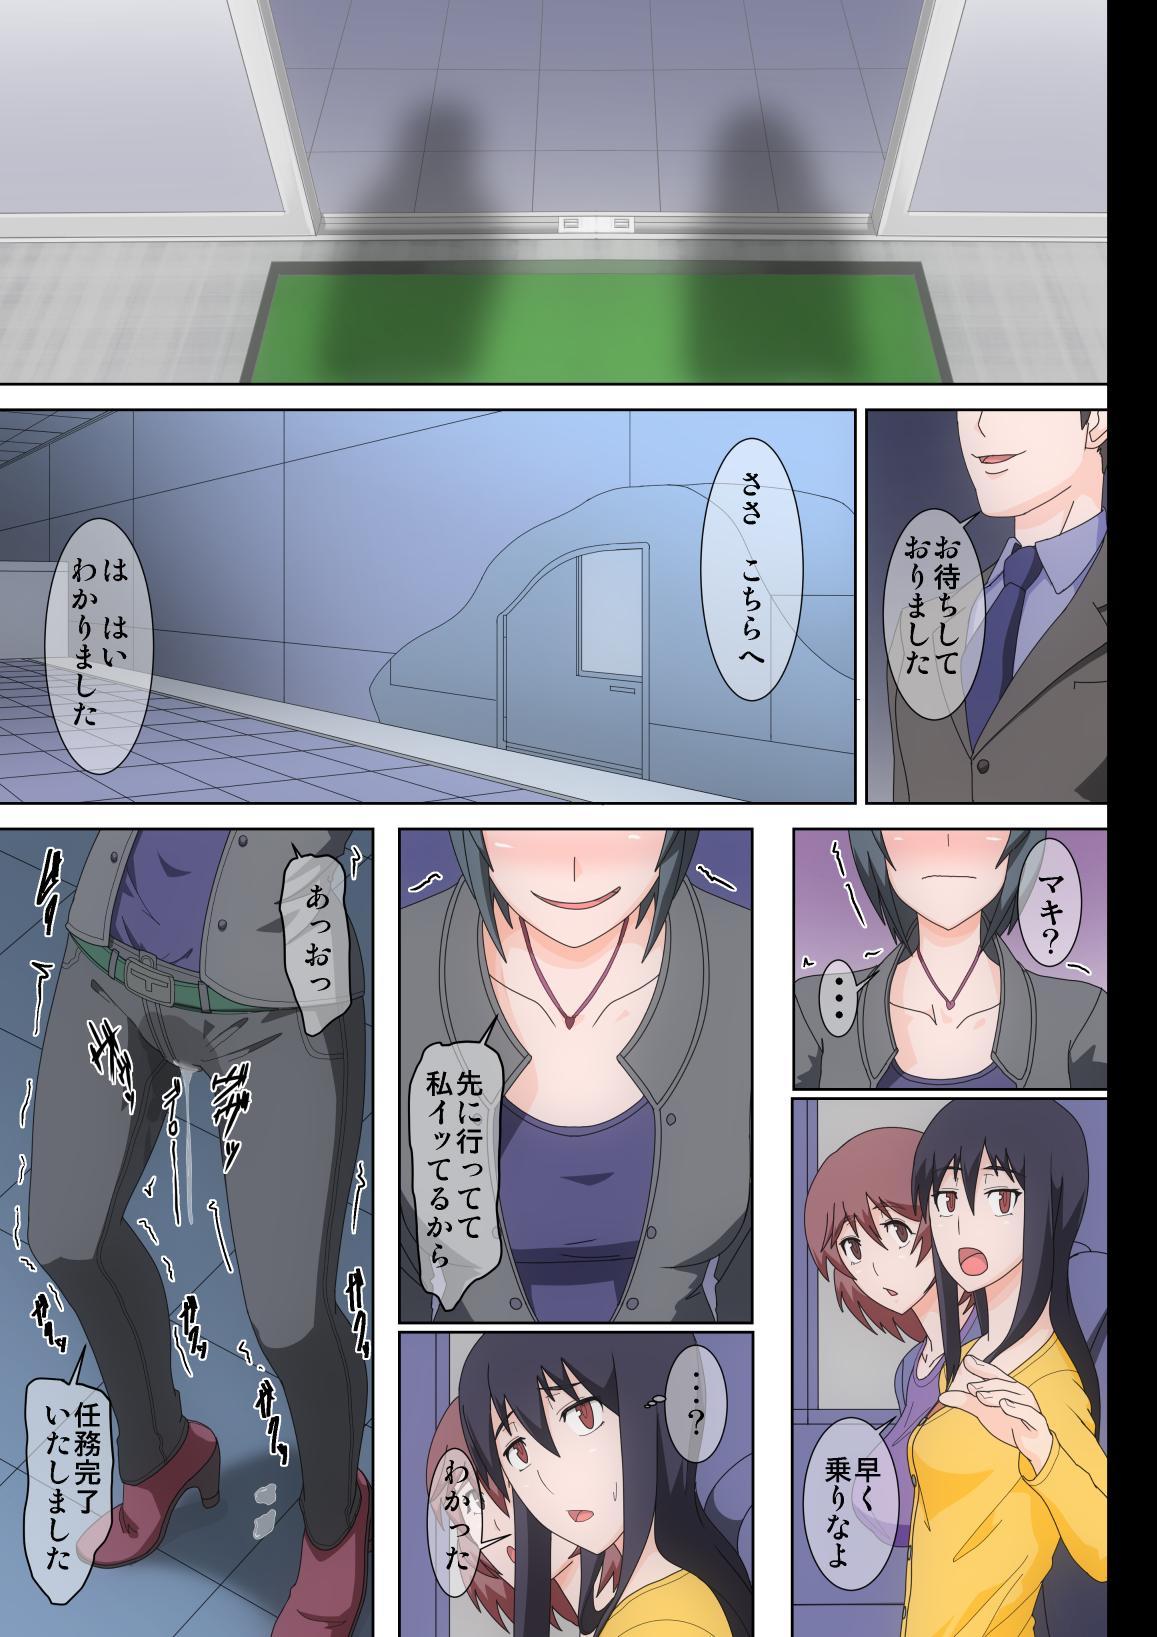 Watashi-tachi ga Sennou sare Inran Onna to Kashi Zenshin Omanko Joutai ni Naru made Choukyou sare Ian Pet toshite Shuppin sareru made no Monogatari 2